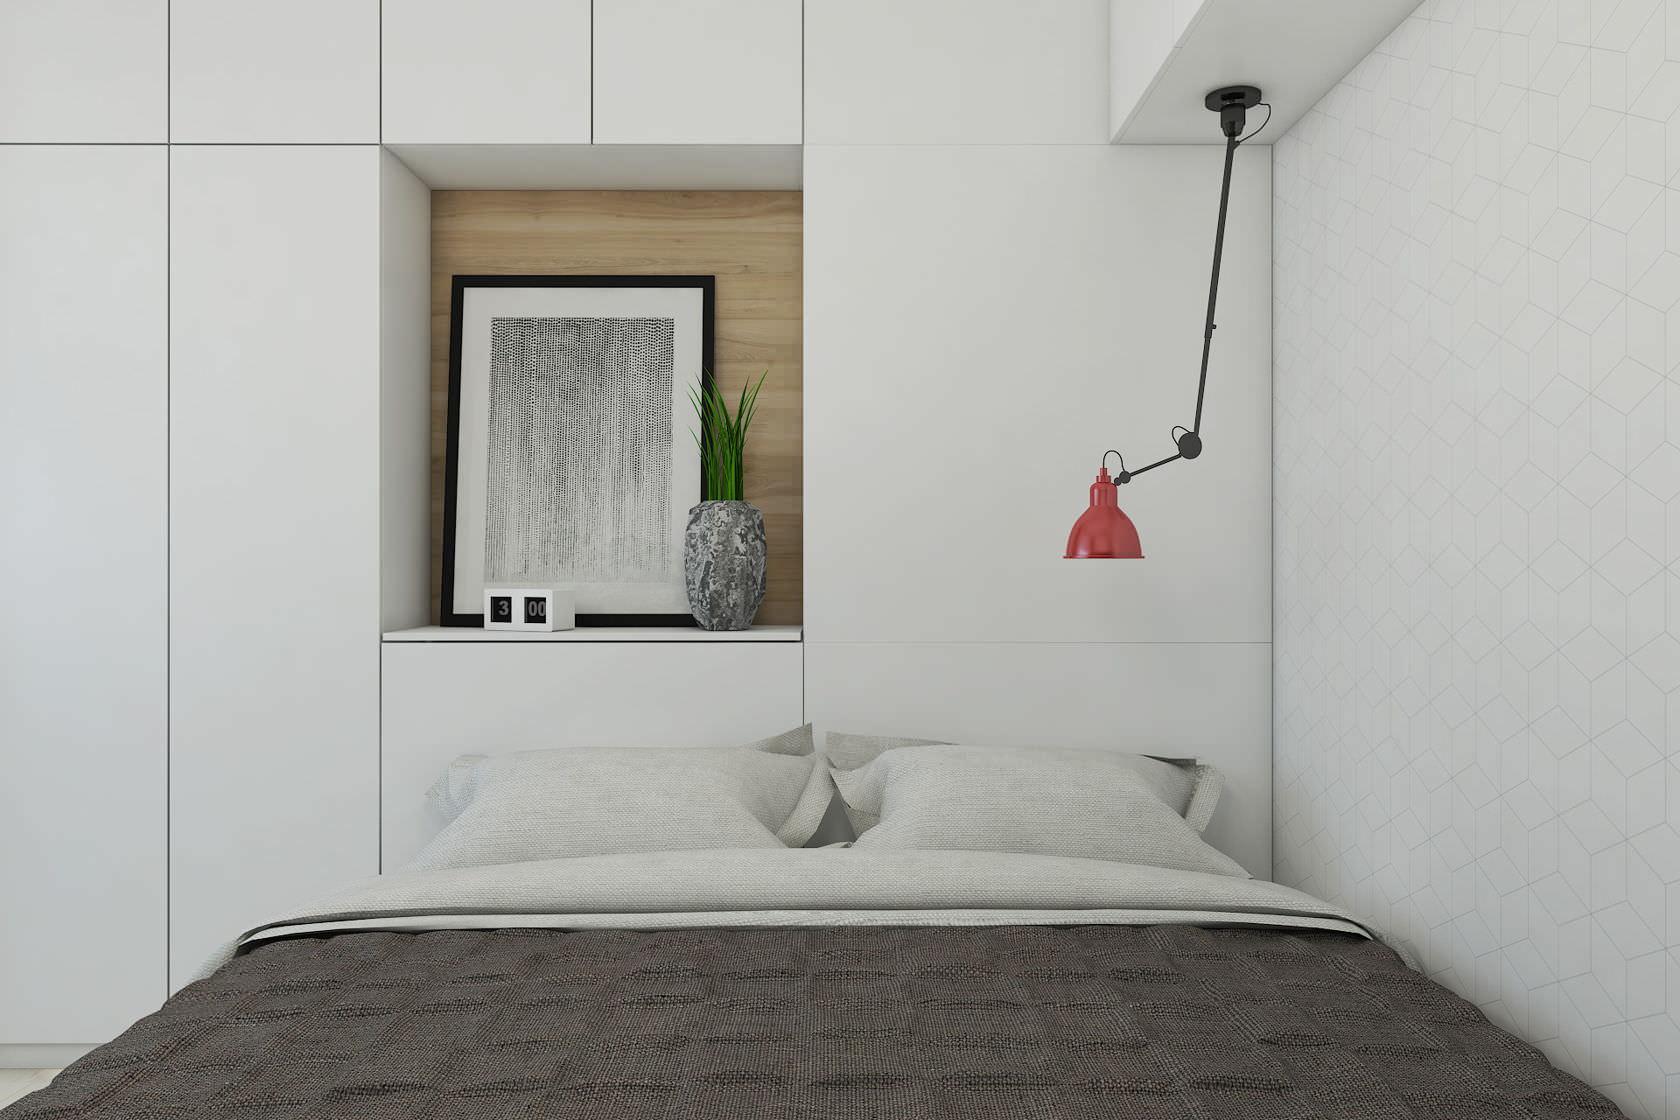 sazdavane-na-dinamichen-i-vedar-interior-v-dvustaen-apartament-60-m-5g